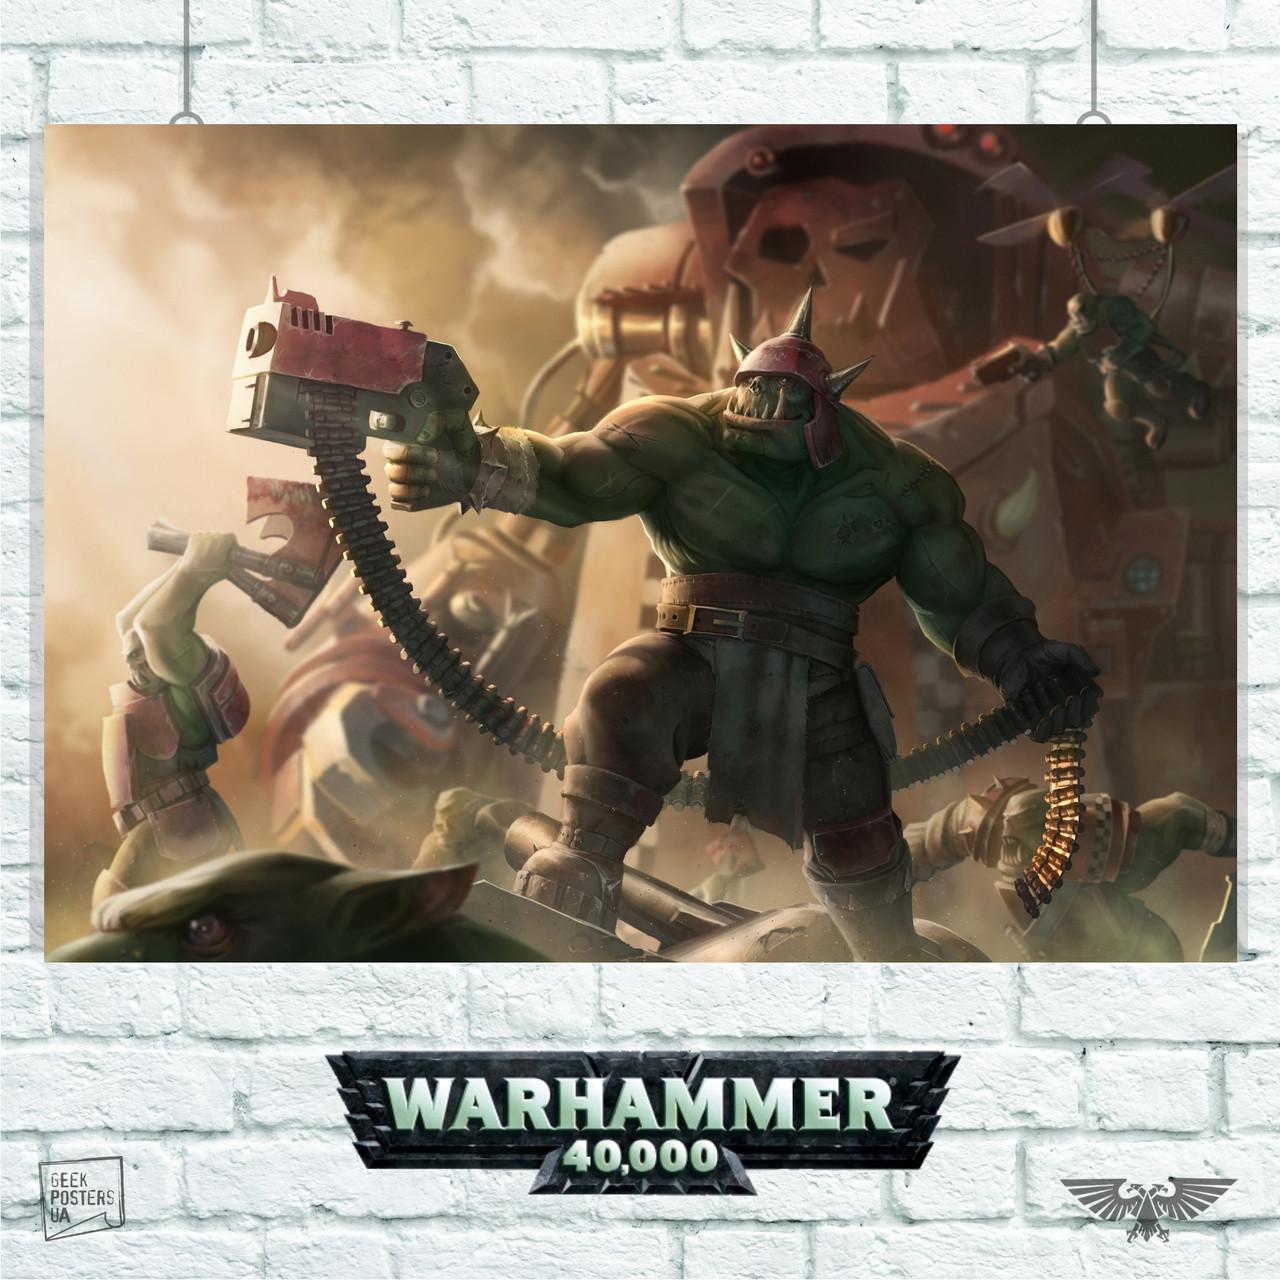 Постер Warhammer 40000 (стреляющий орк). Размер 60x42см (A2). Глянцевая бумага